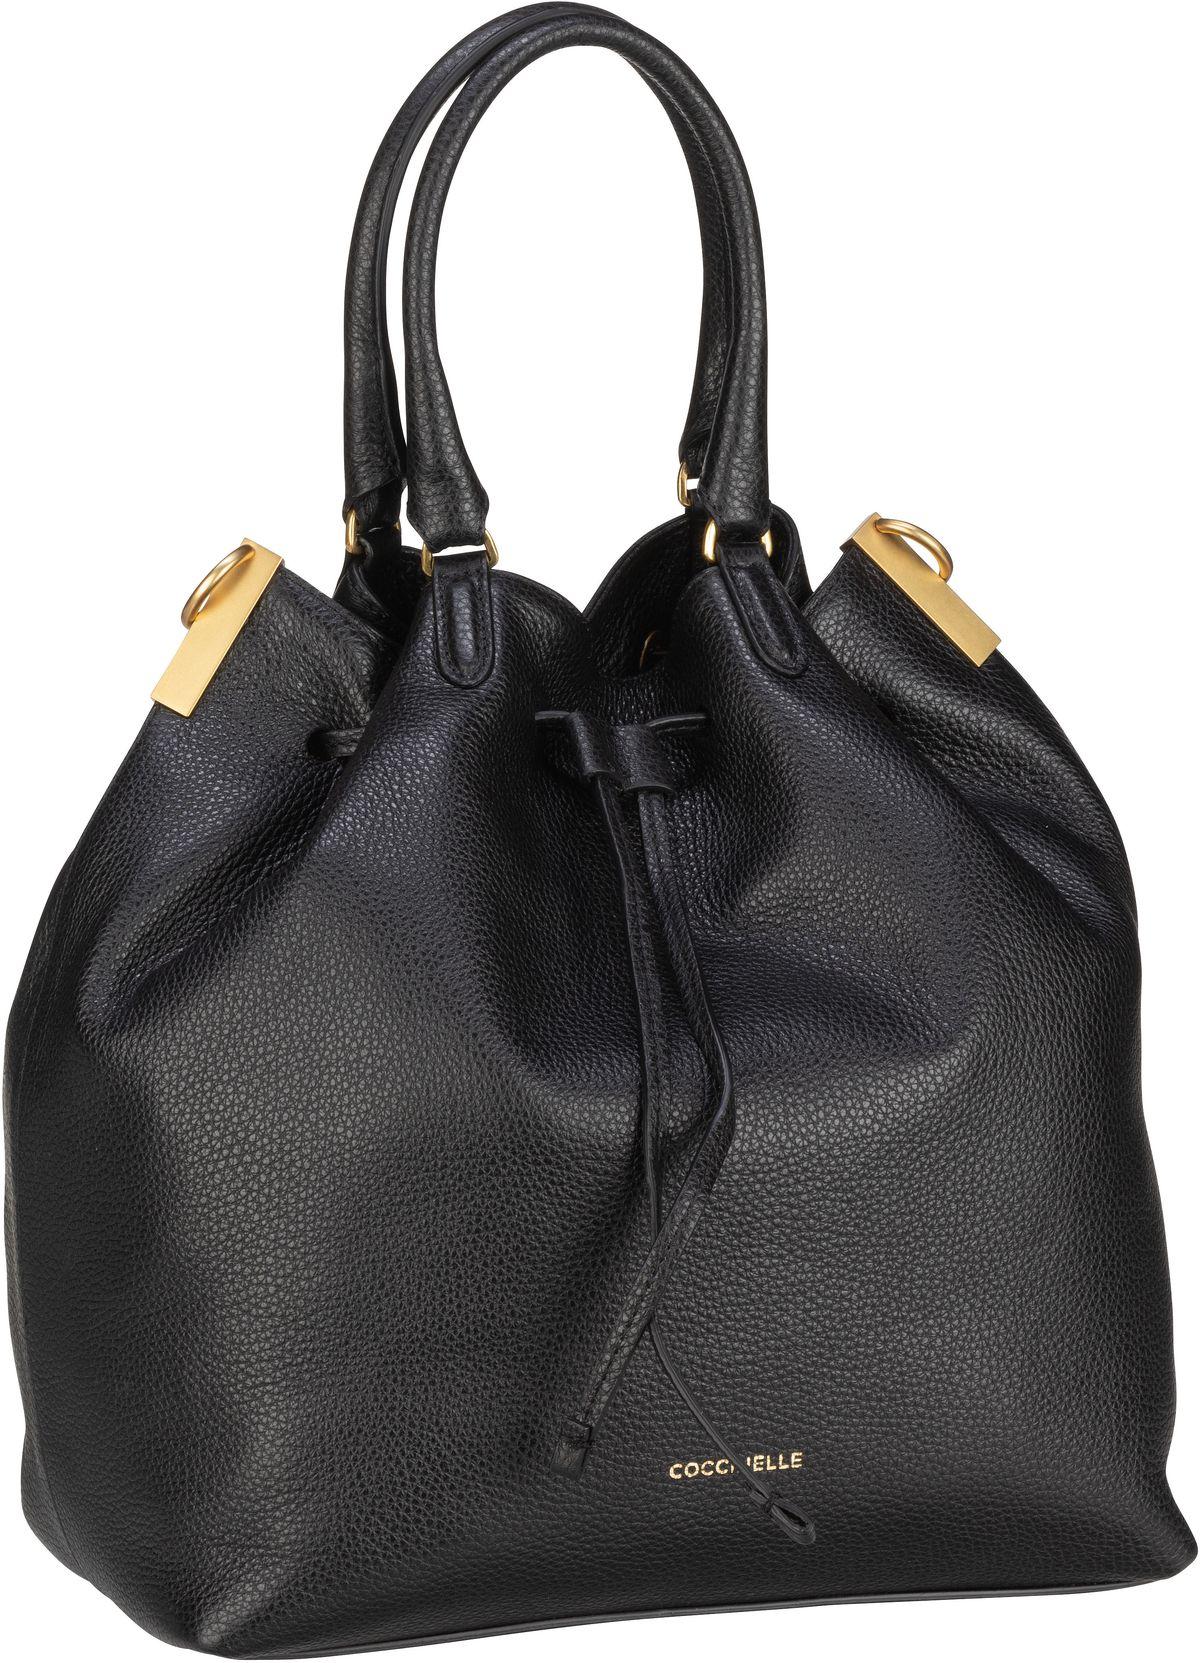 Handtasche Gabrielle 1803 Nero